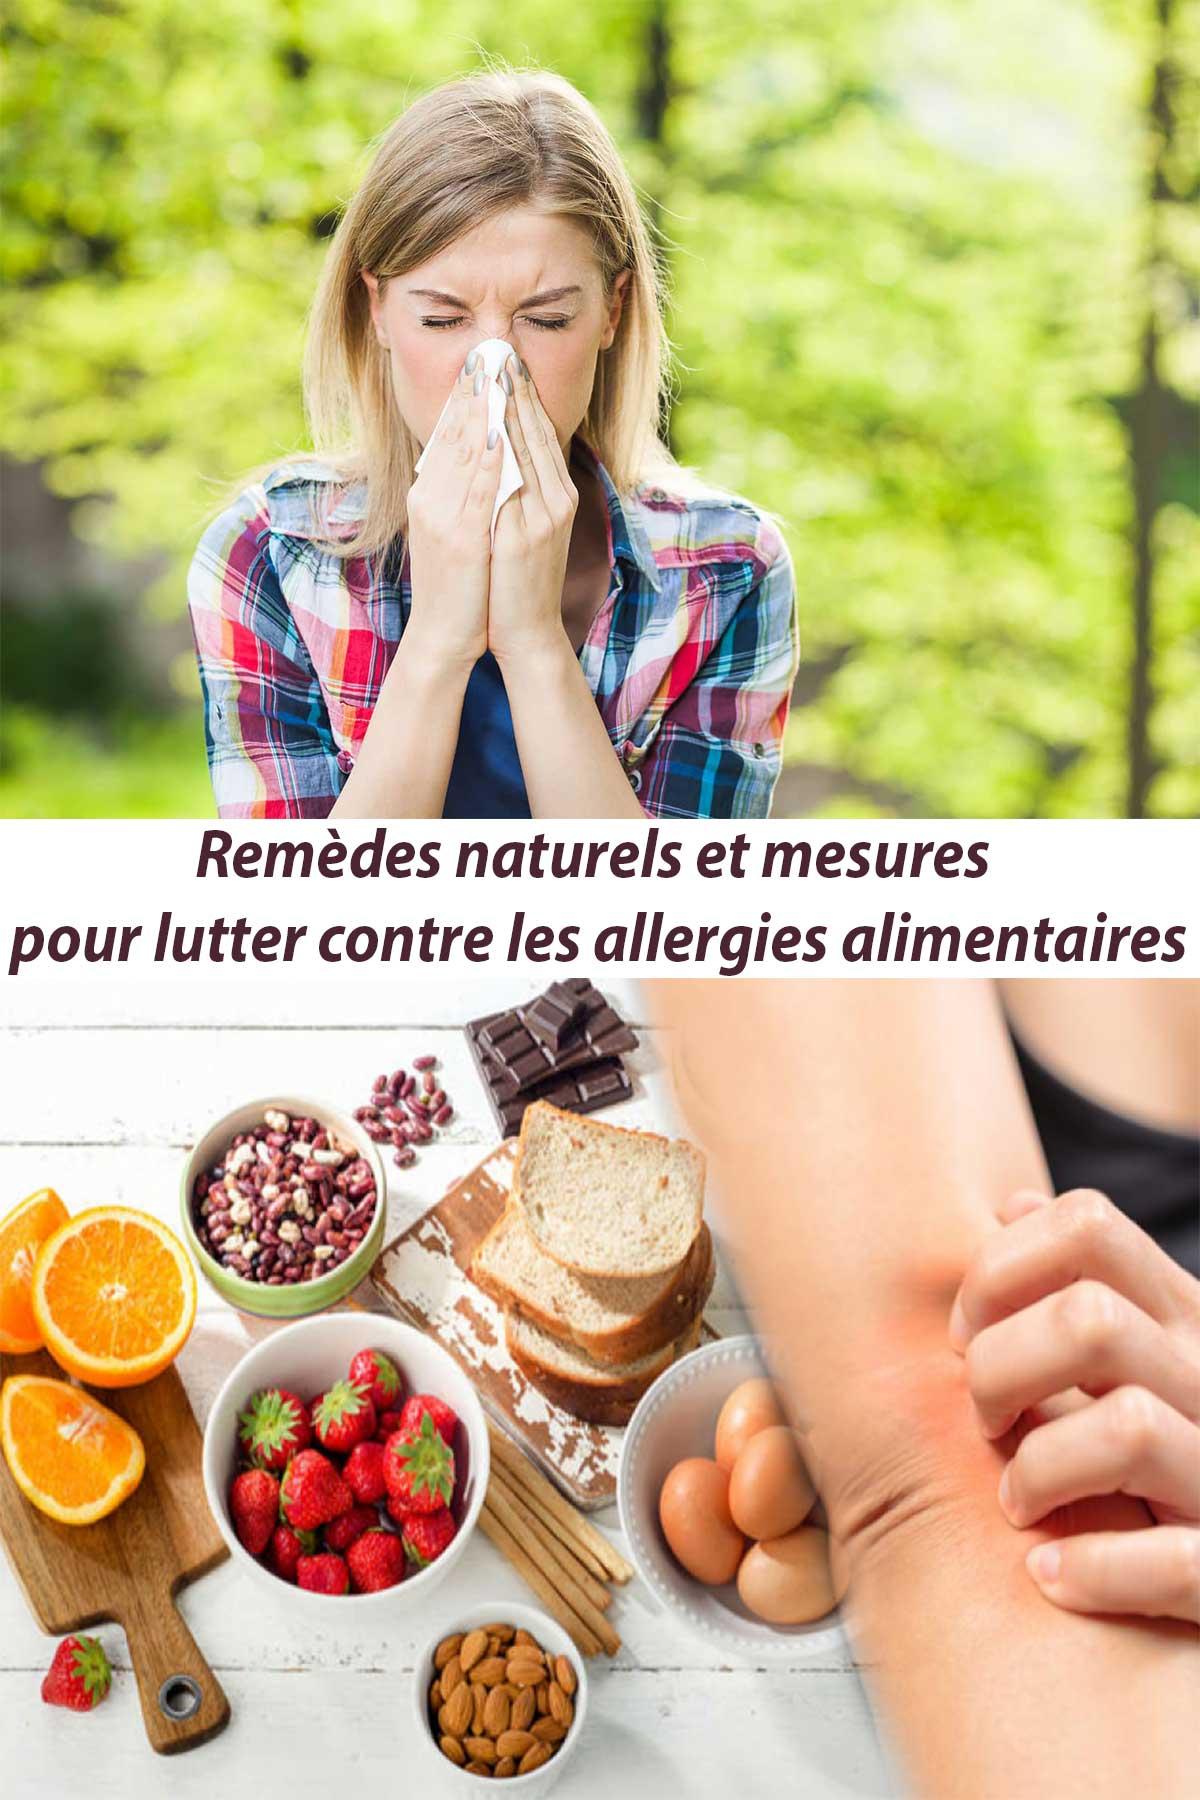 Remèdes naturels et mesures pour lutter contre les allergies alimentaires